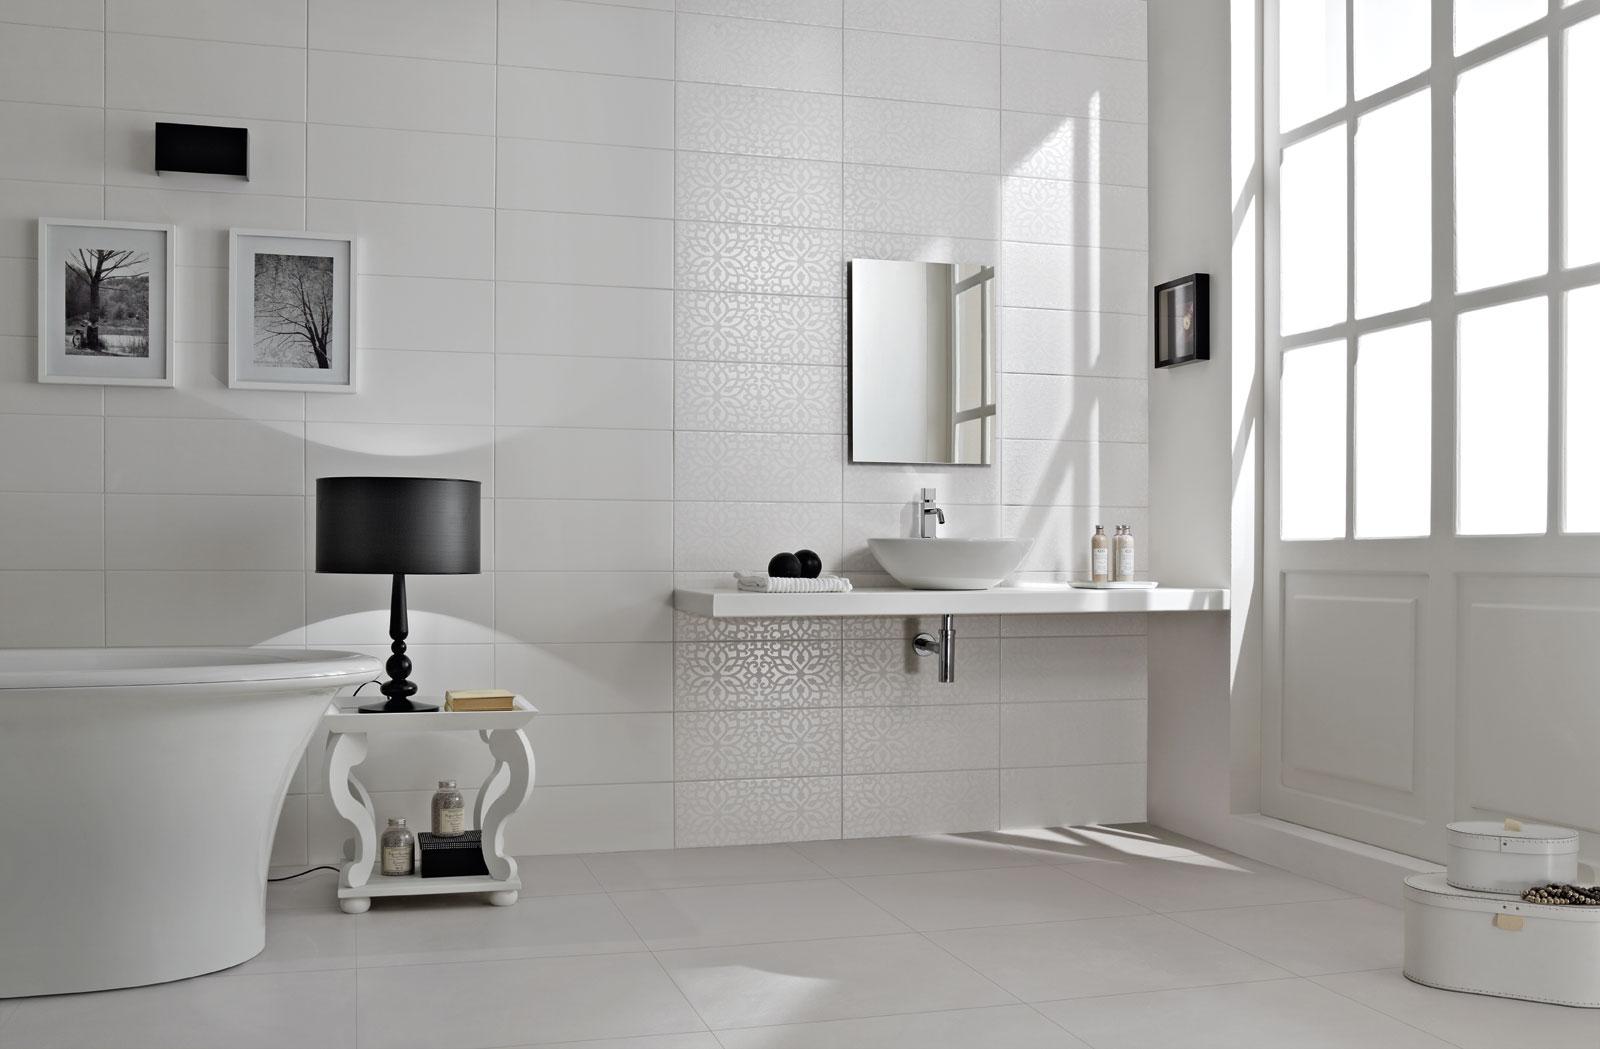 Piastrelle bagno bianco e grigio black andwhite piastrelle per